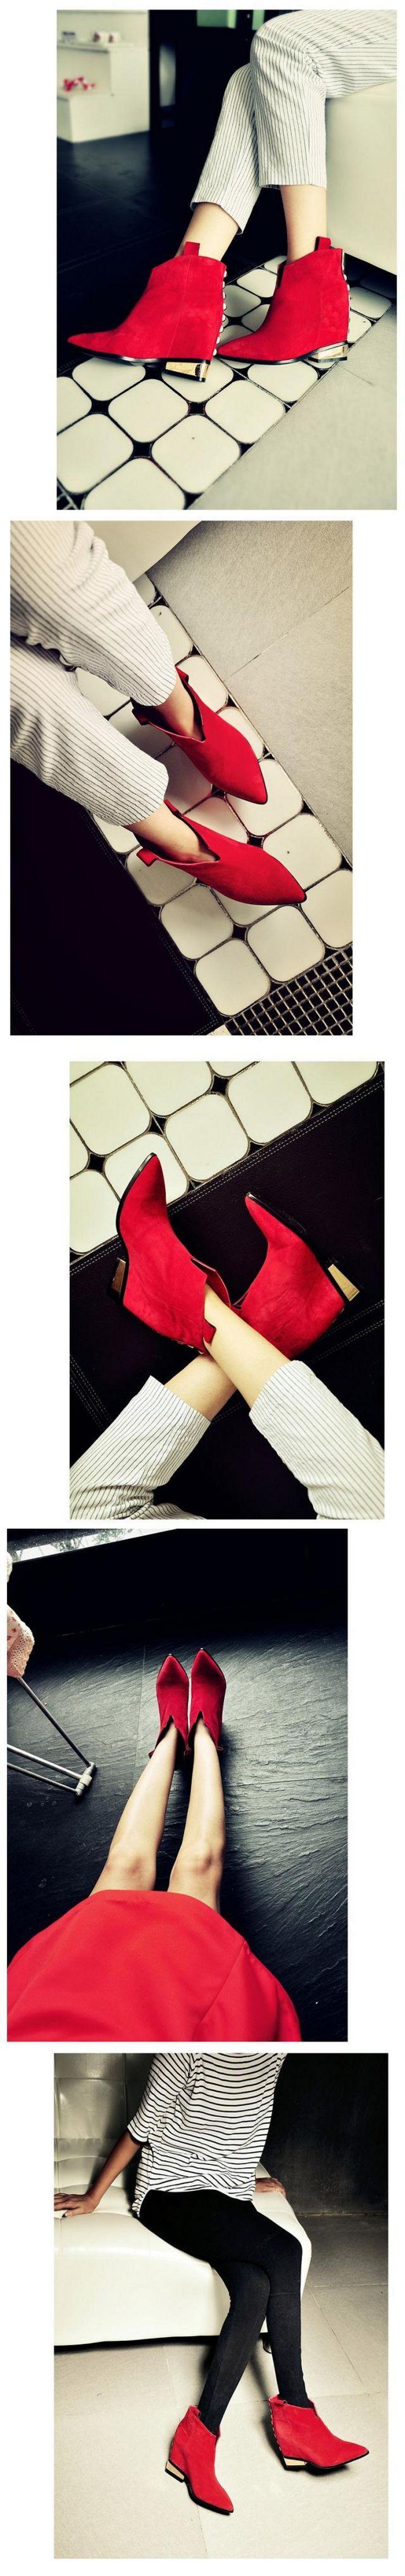 Гетры женщины де спорт bottines женщины де режим 2016 женские сапоги туфли botas красные нижние каблук ботинки для женщин свободного покроя клинья каблуки женщины обувь купить на AliExpress